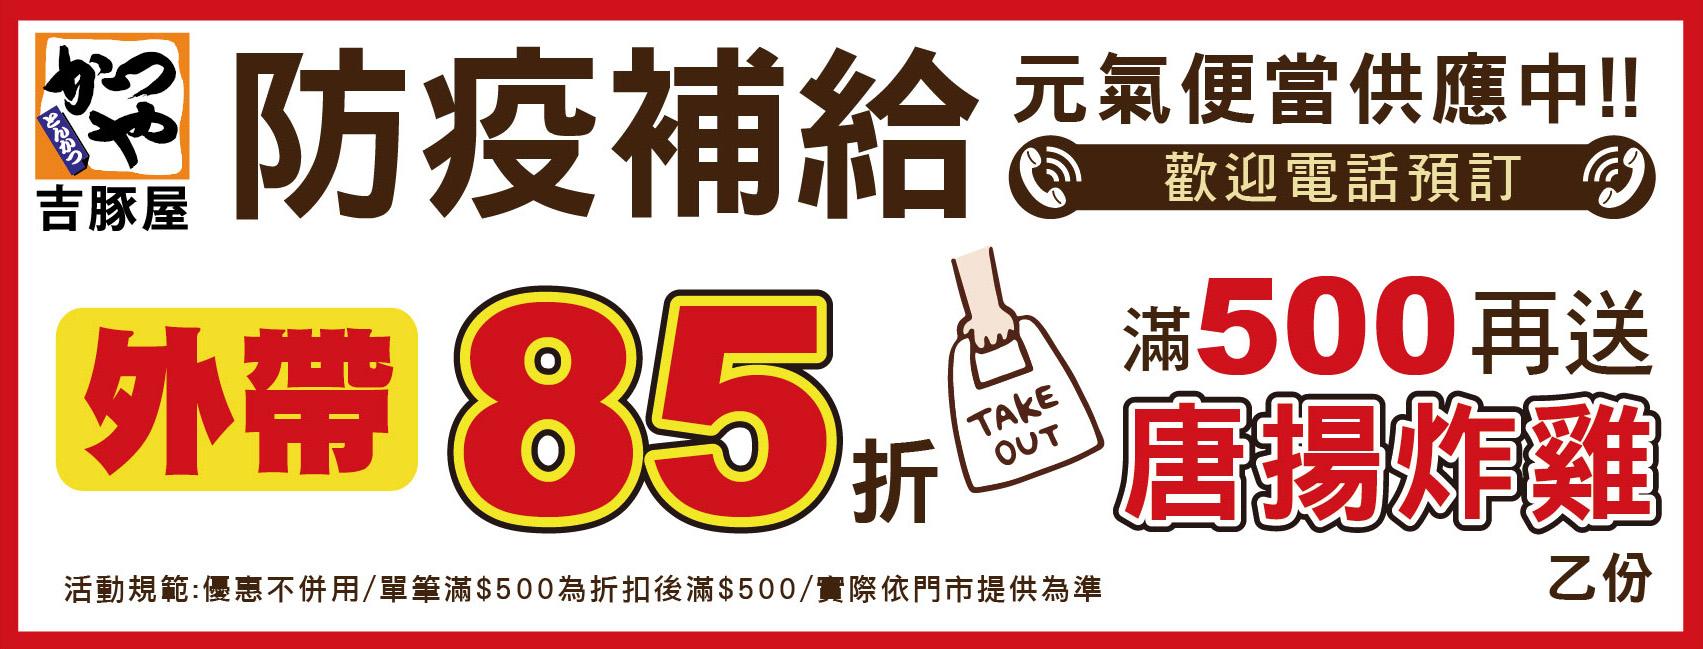 台北外帶美食 優惠餐廳總整理 防疫期間外帶優惠總整理! 連鎖品牌外帶優惠懶人包 88